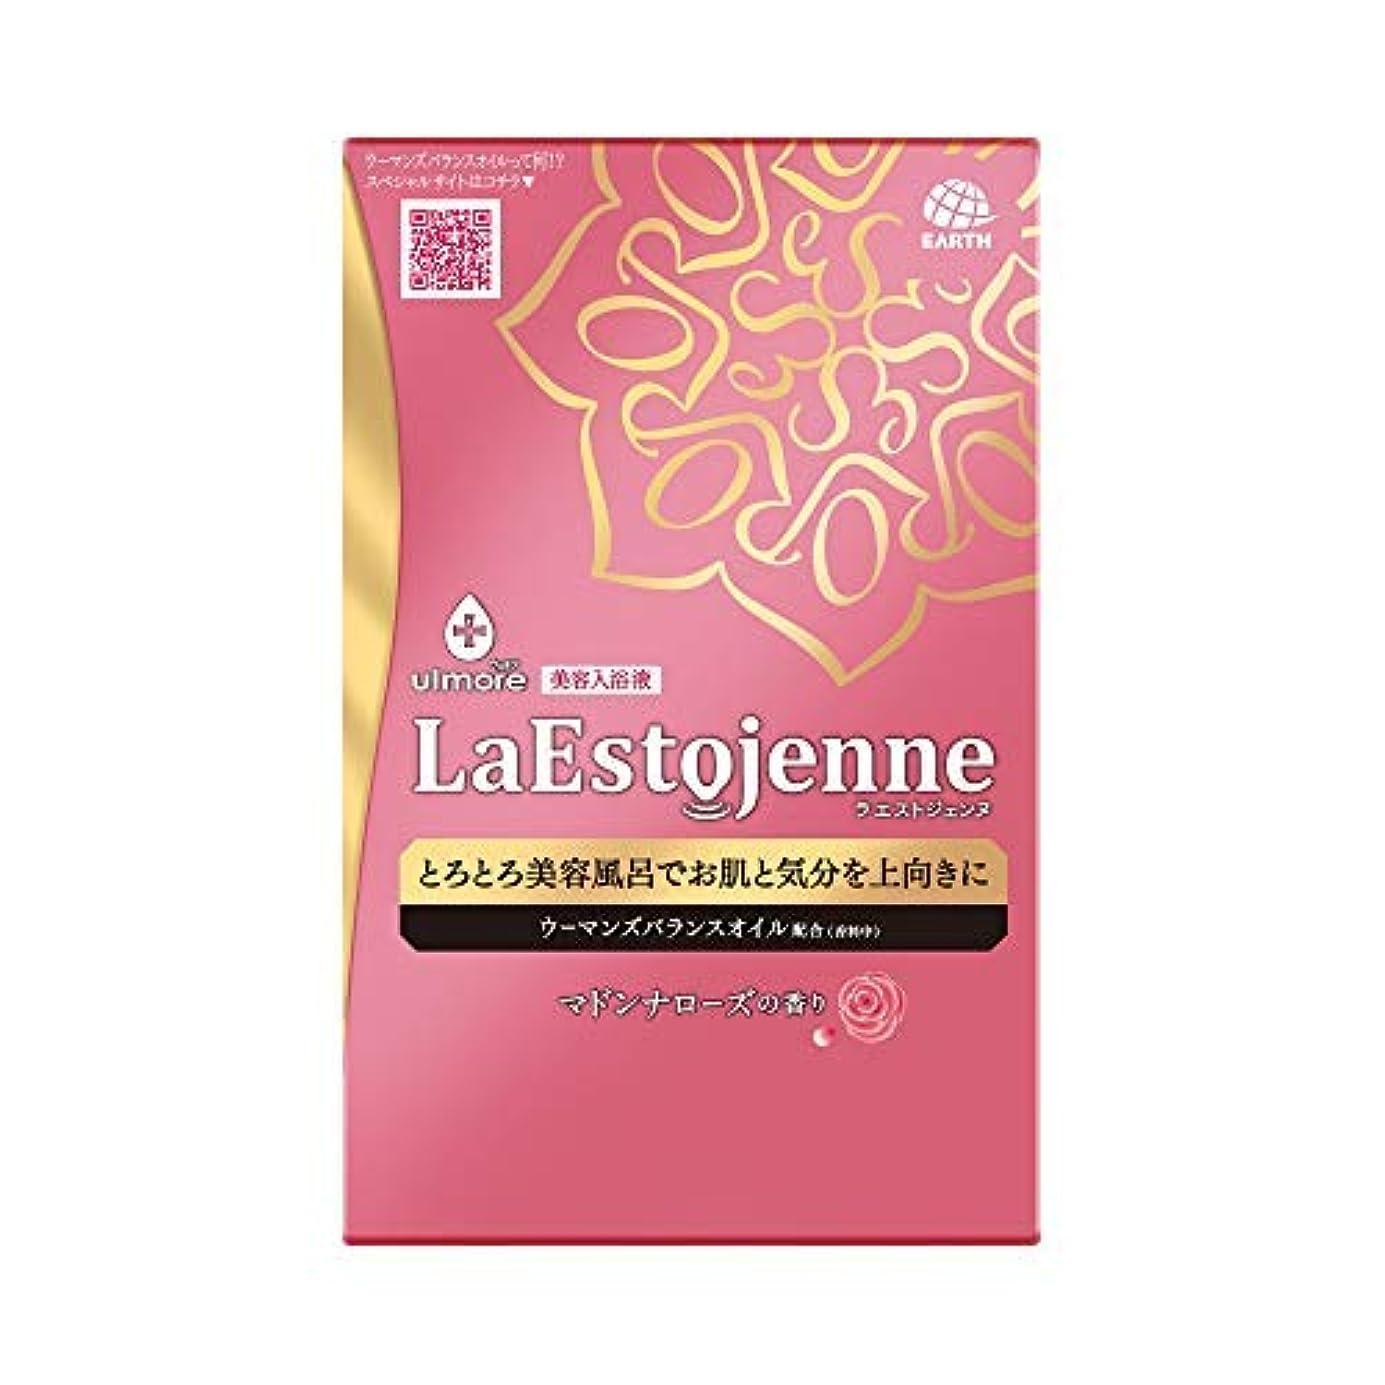 コンドーム信じられない自治的ウルモア ラエストジェンヌ マドンナローズの香り 3包入り × 3個セット